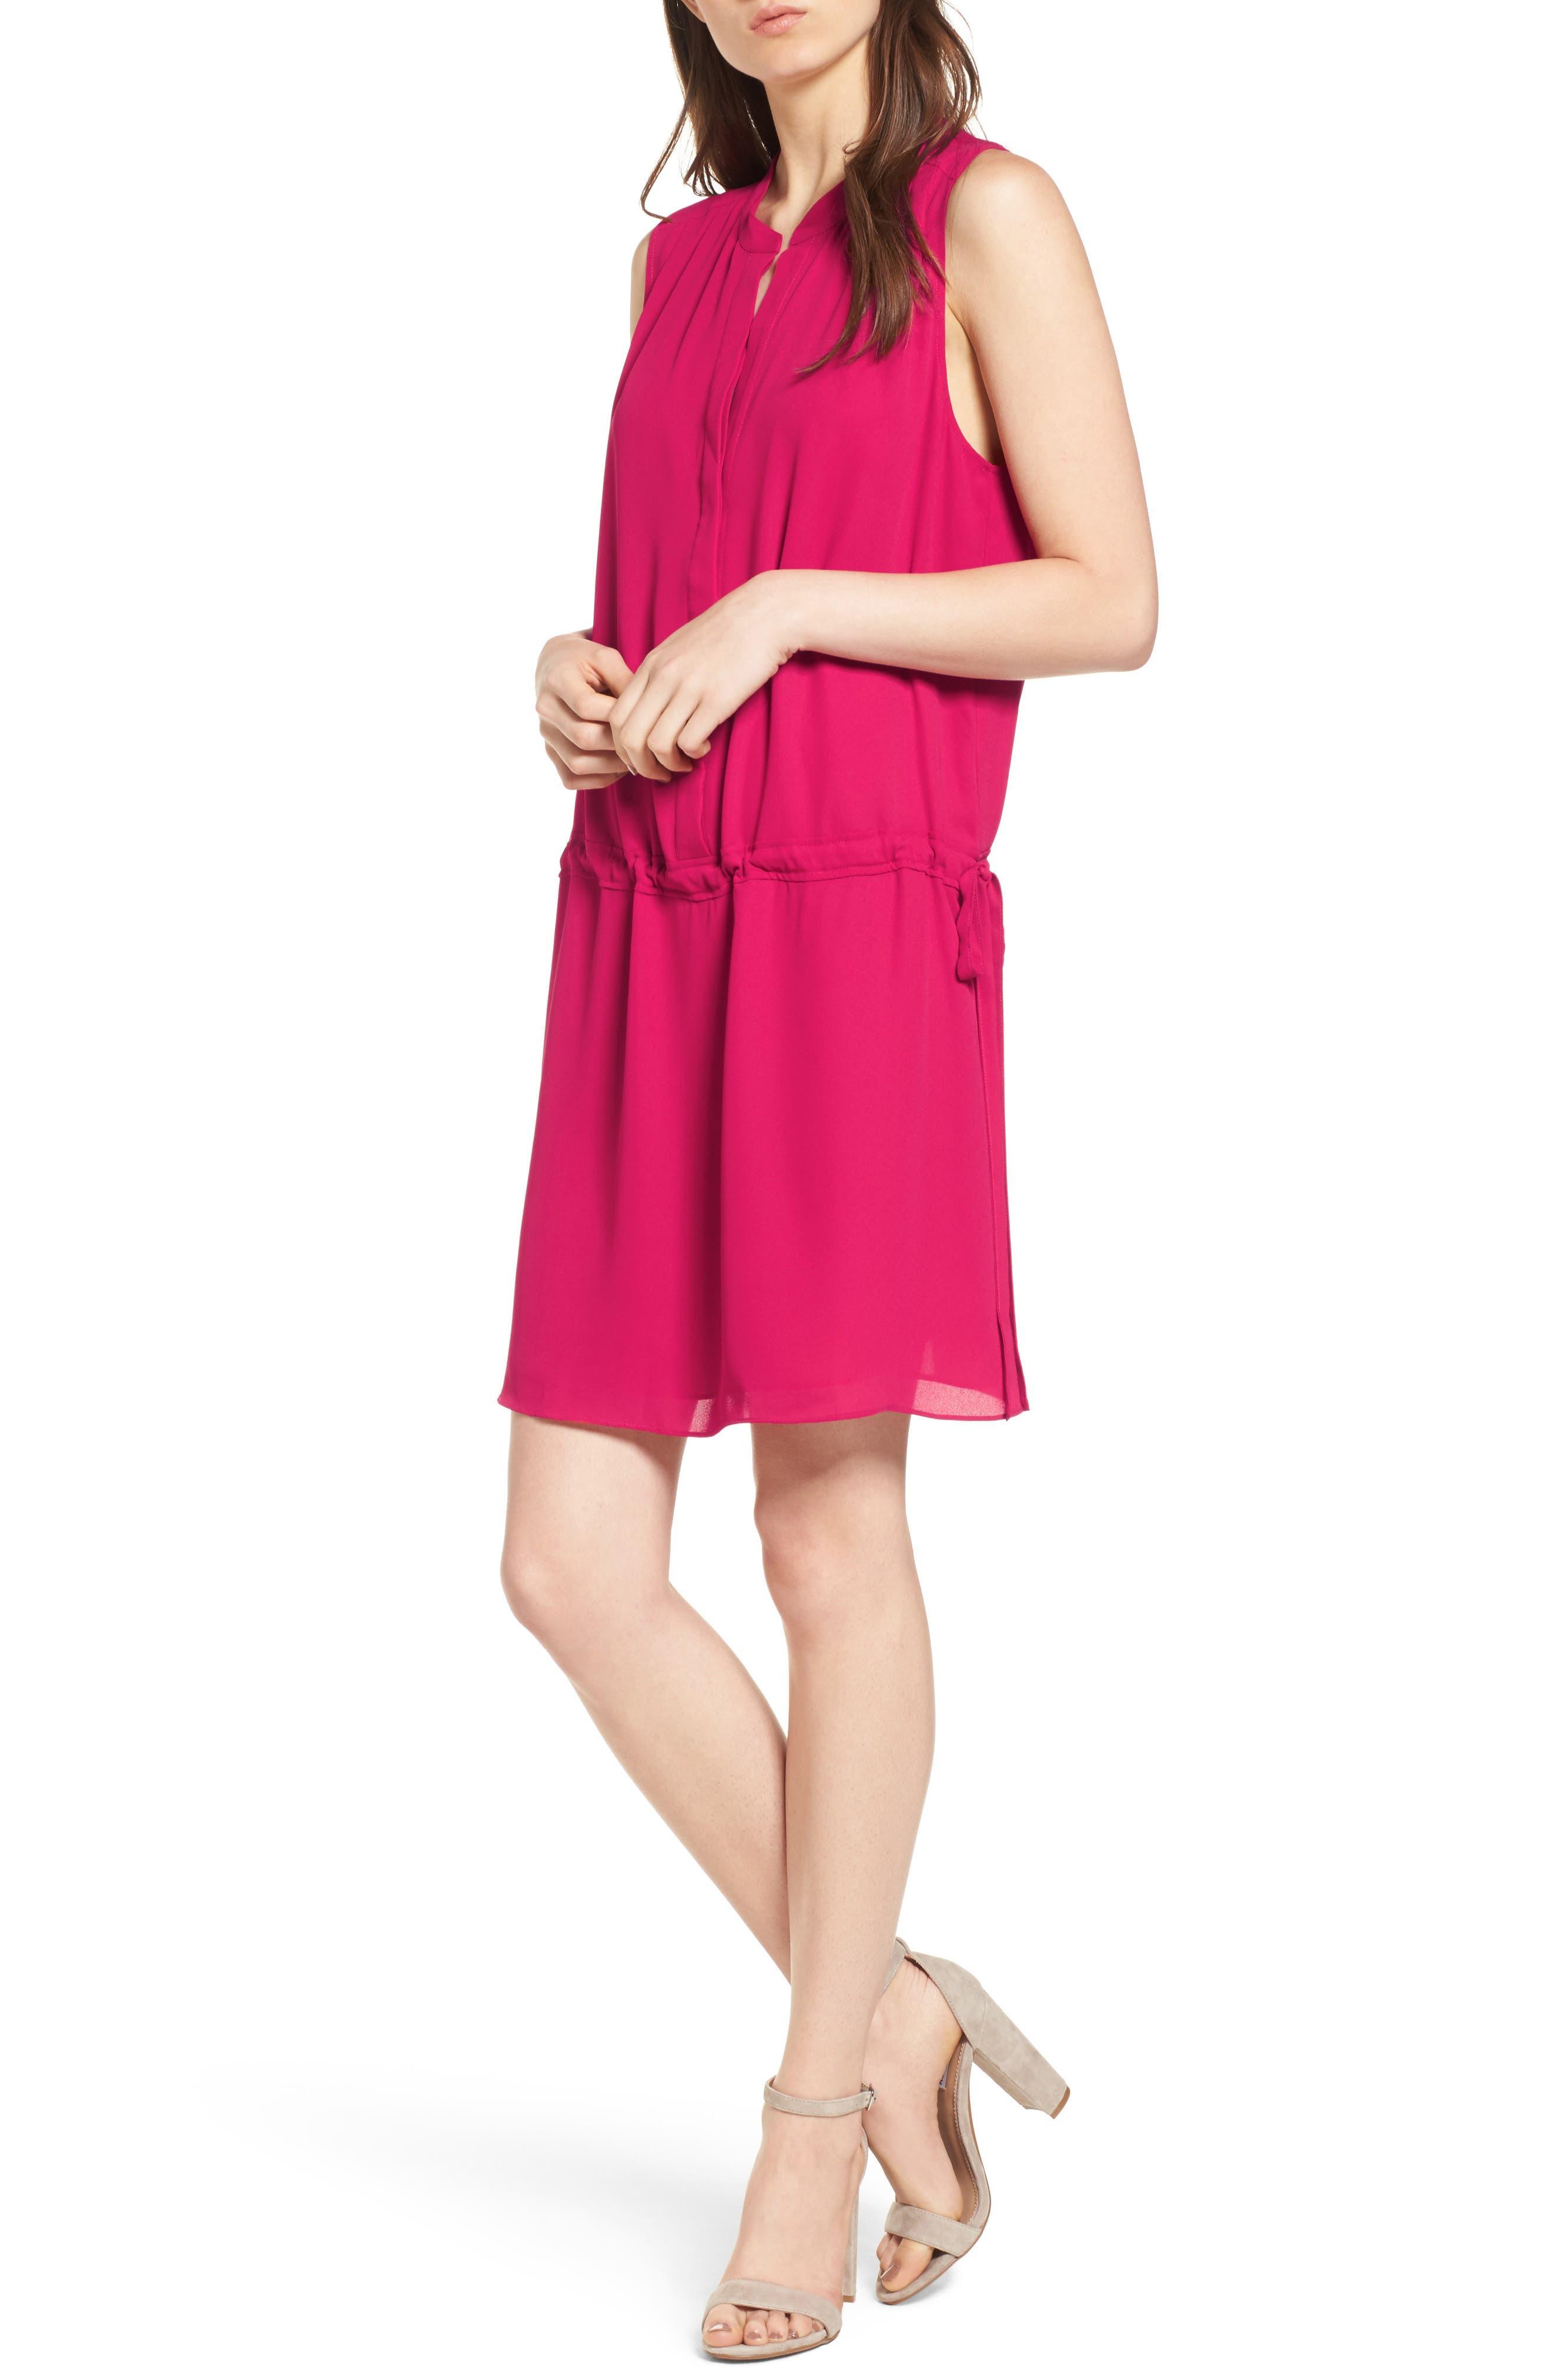 Cheslsea28 Drop Waist Dress